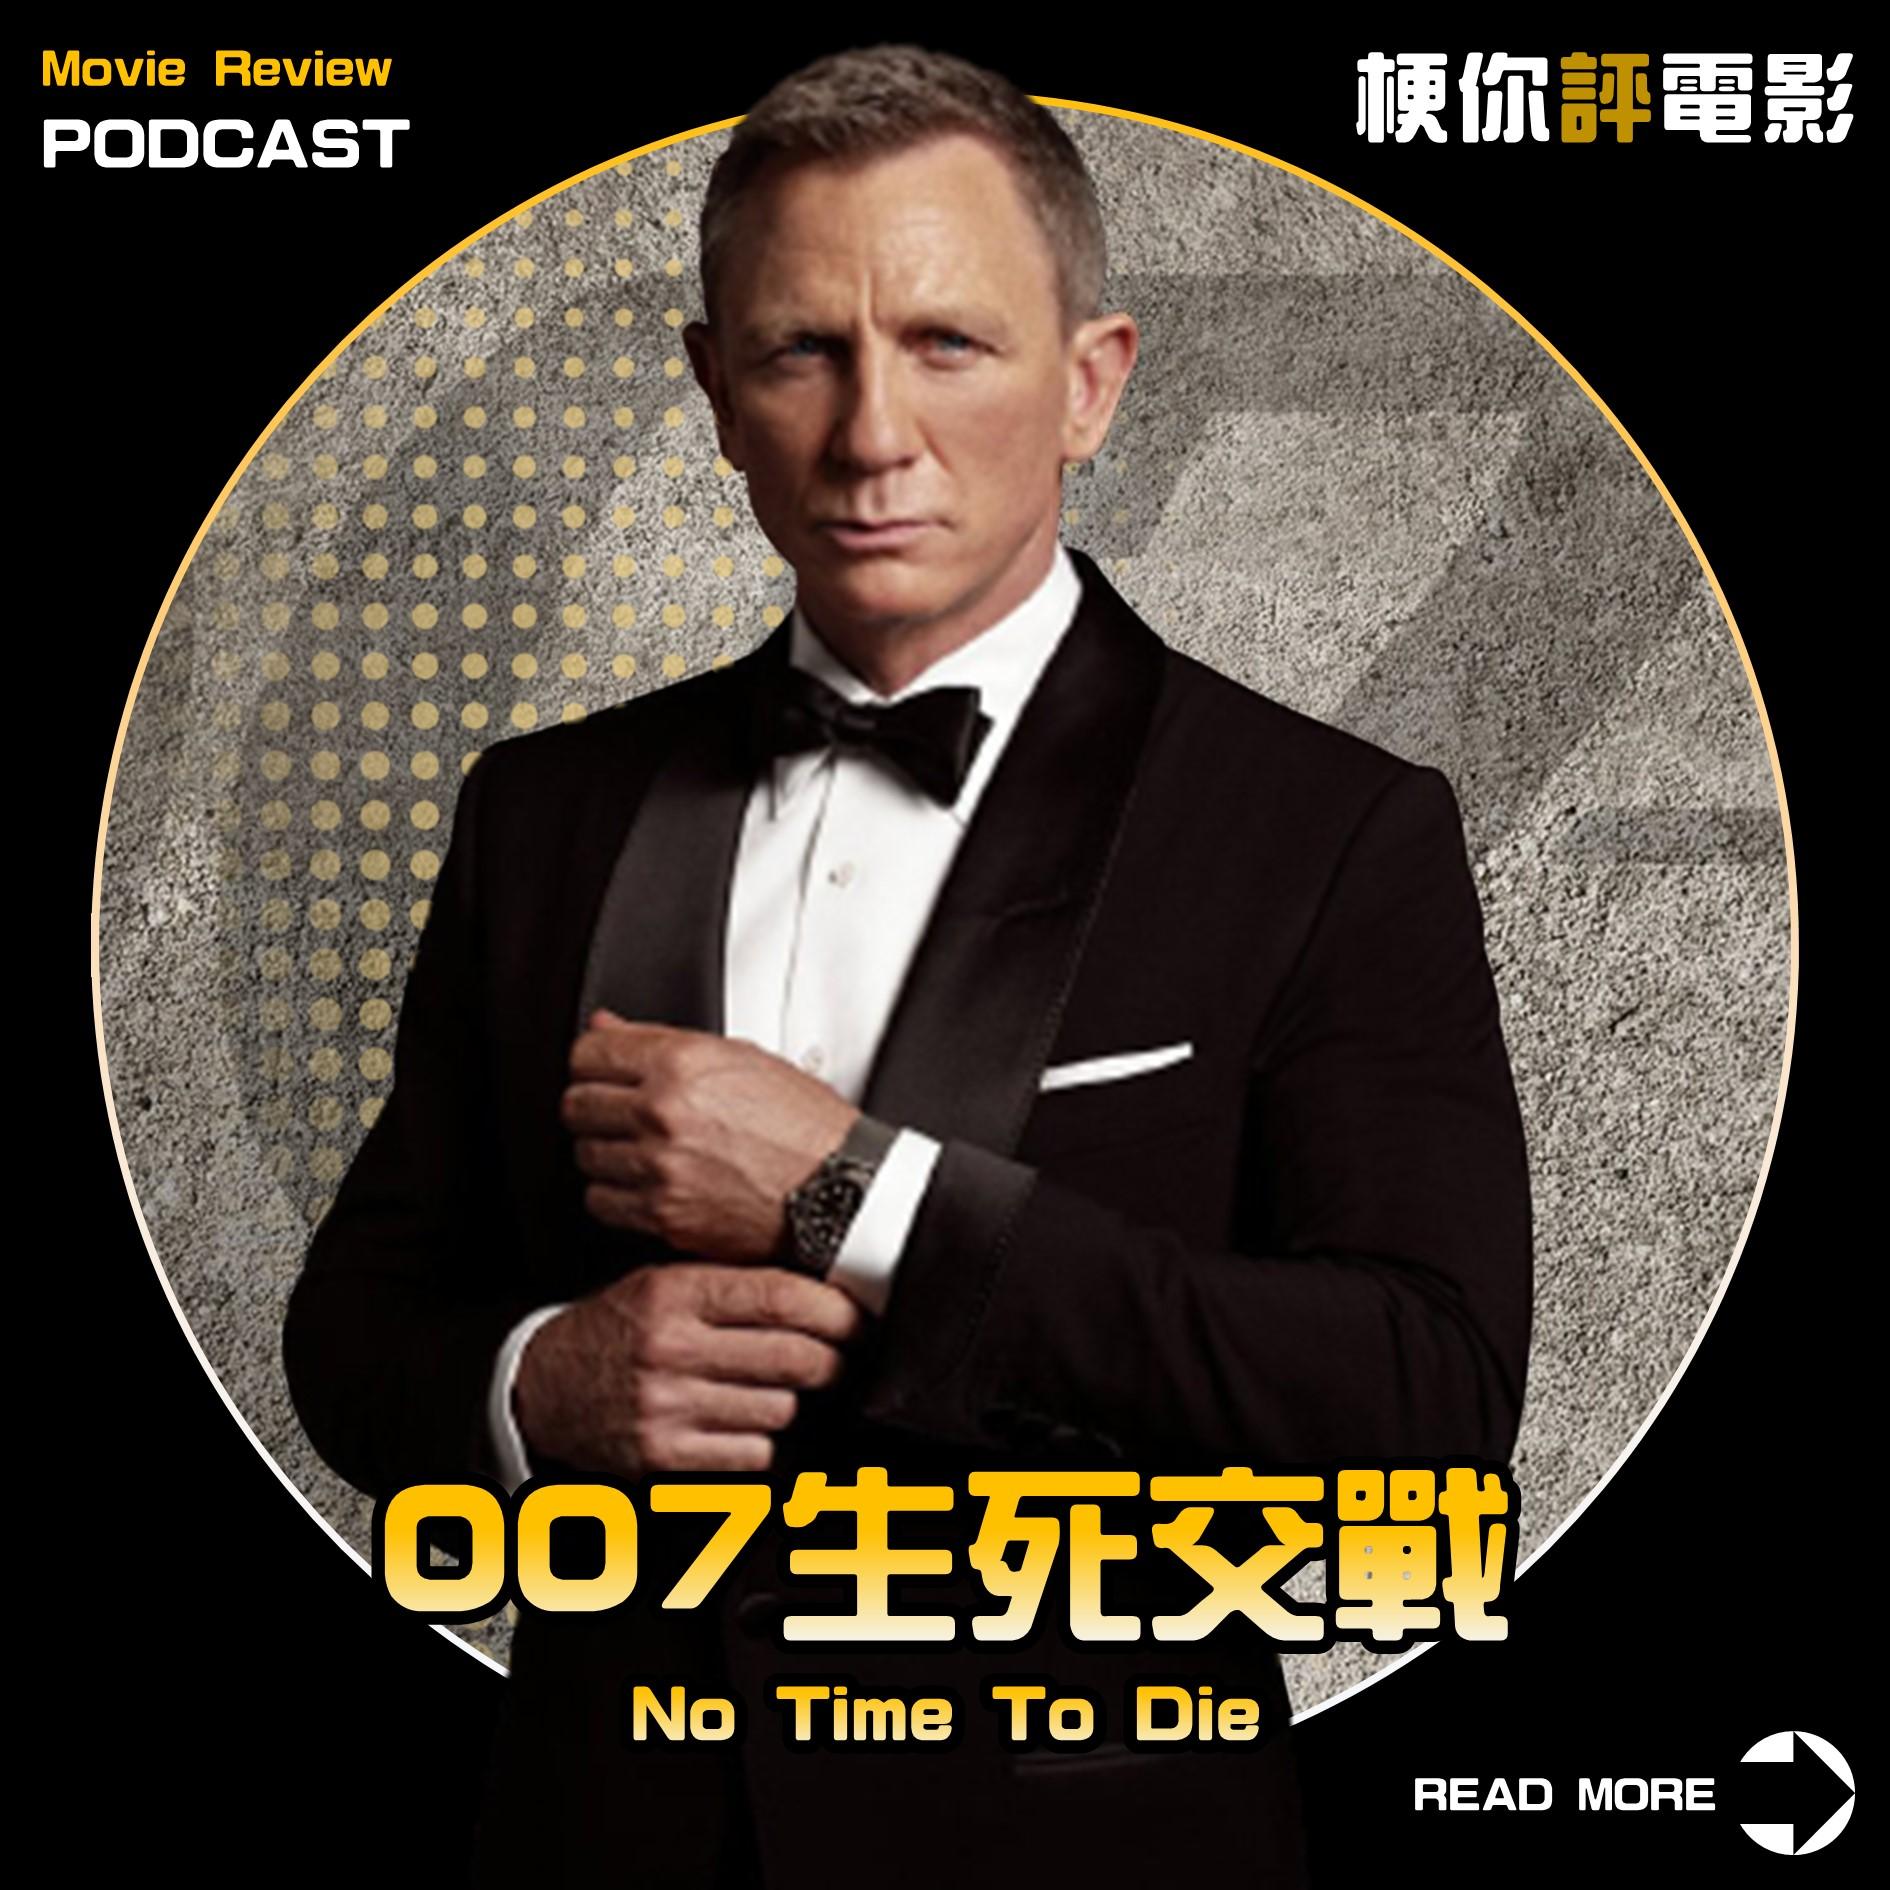 【梗你評電影】《007:生死交戰》No Time To Die   退去了情懷,還剩下什麼?  無暇赴死 / 生死有時    PODCAST XXY + JERICHO